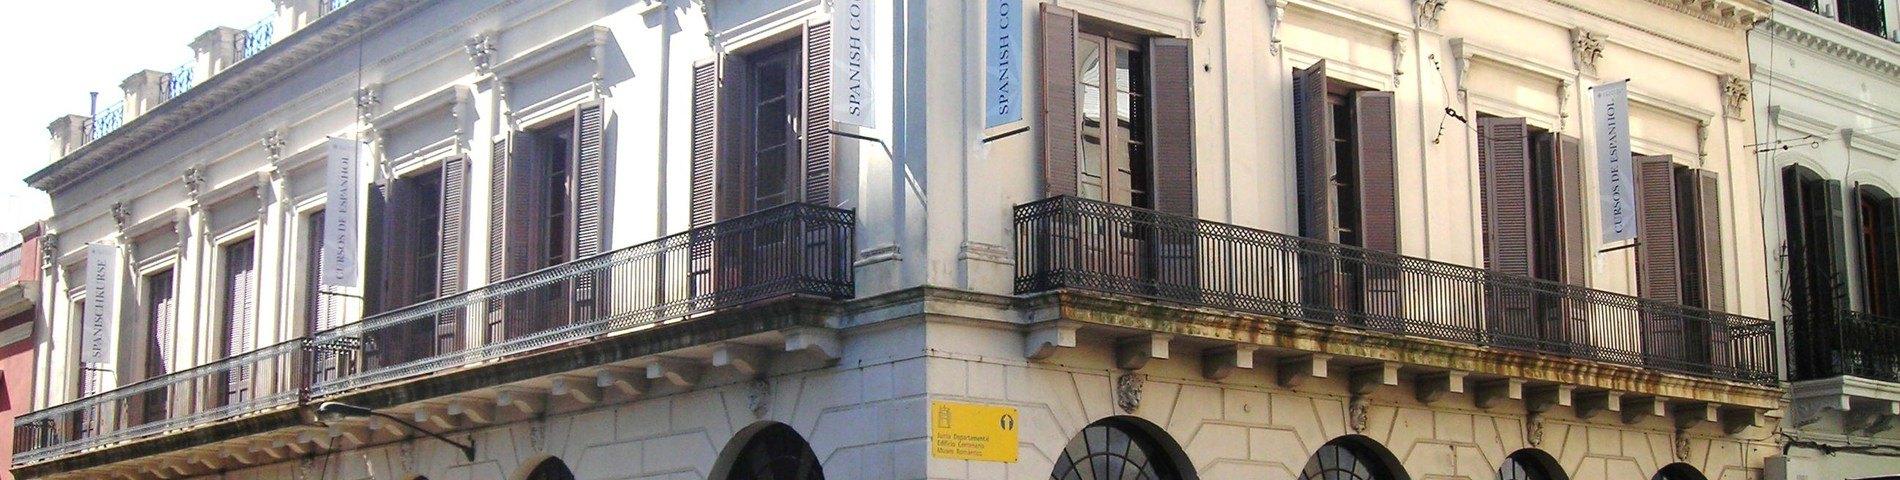 Academia Uruguay kuva 1